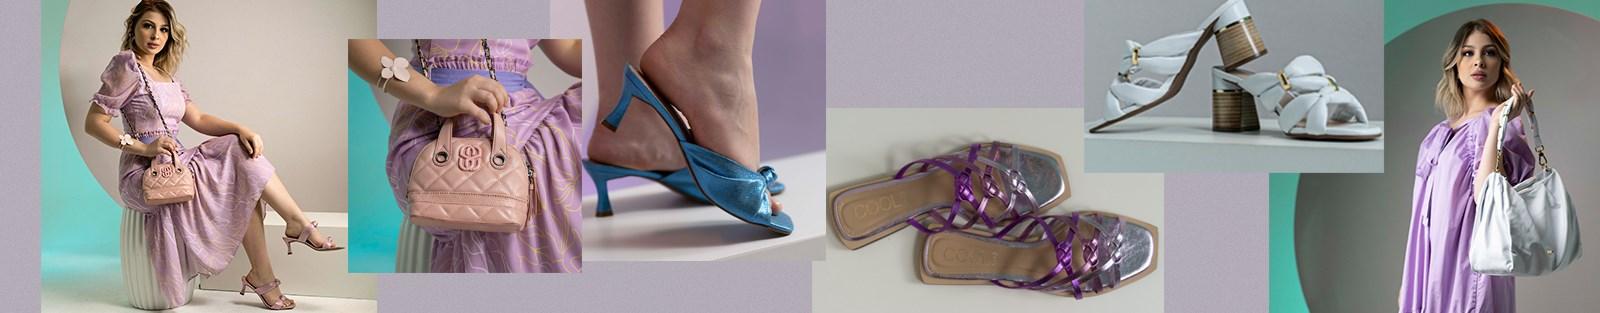 Anita Shoes - Calçados e Acessórios - Skechers - Tênis feminino e masculino da marca Skechers. Diversos modelos e cores.